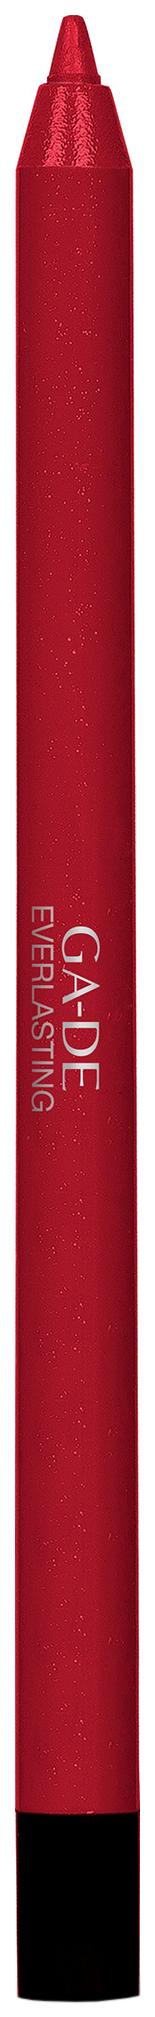 Карандаш для губ Ga-De Everlasting Lip Liner № 92 0,5 г фото